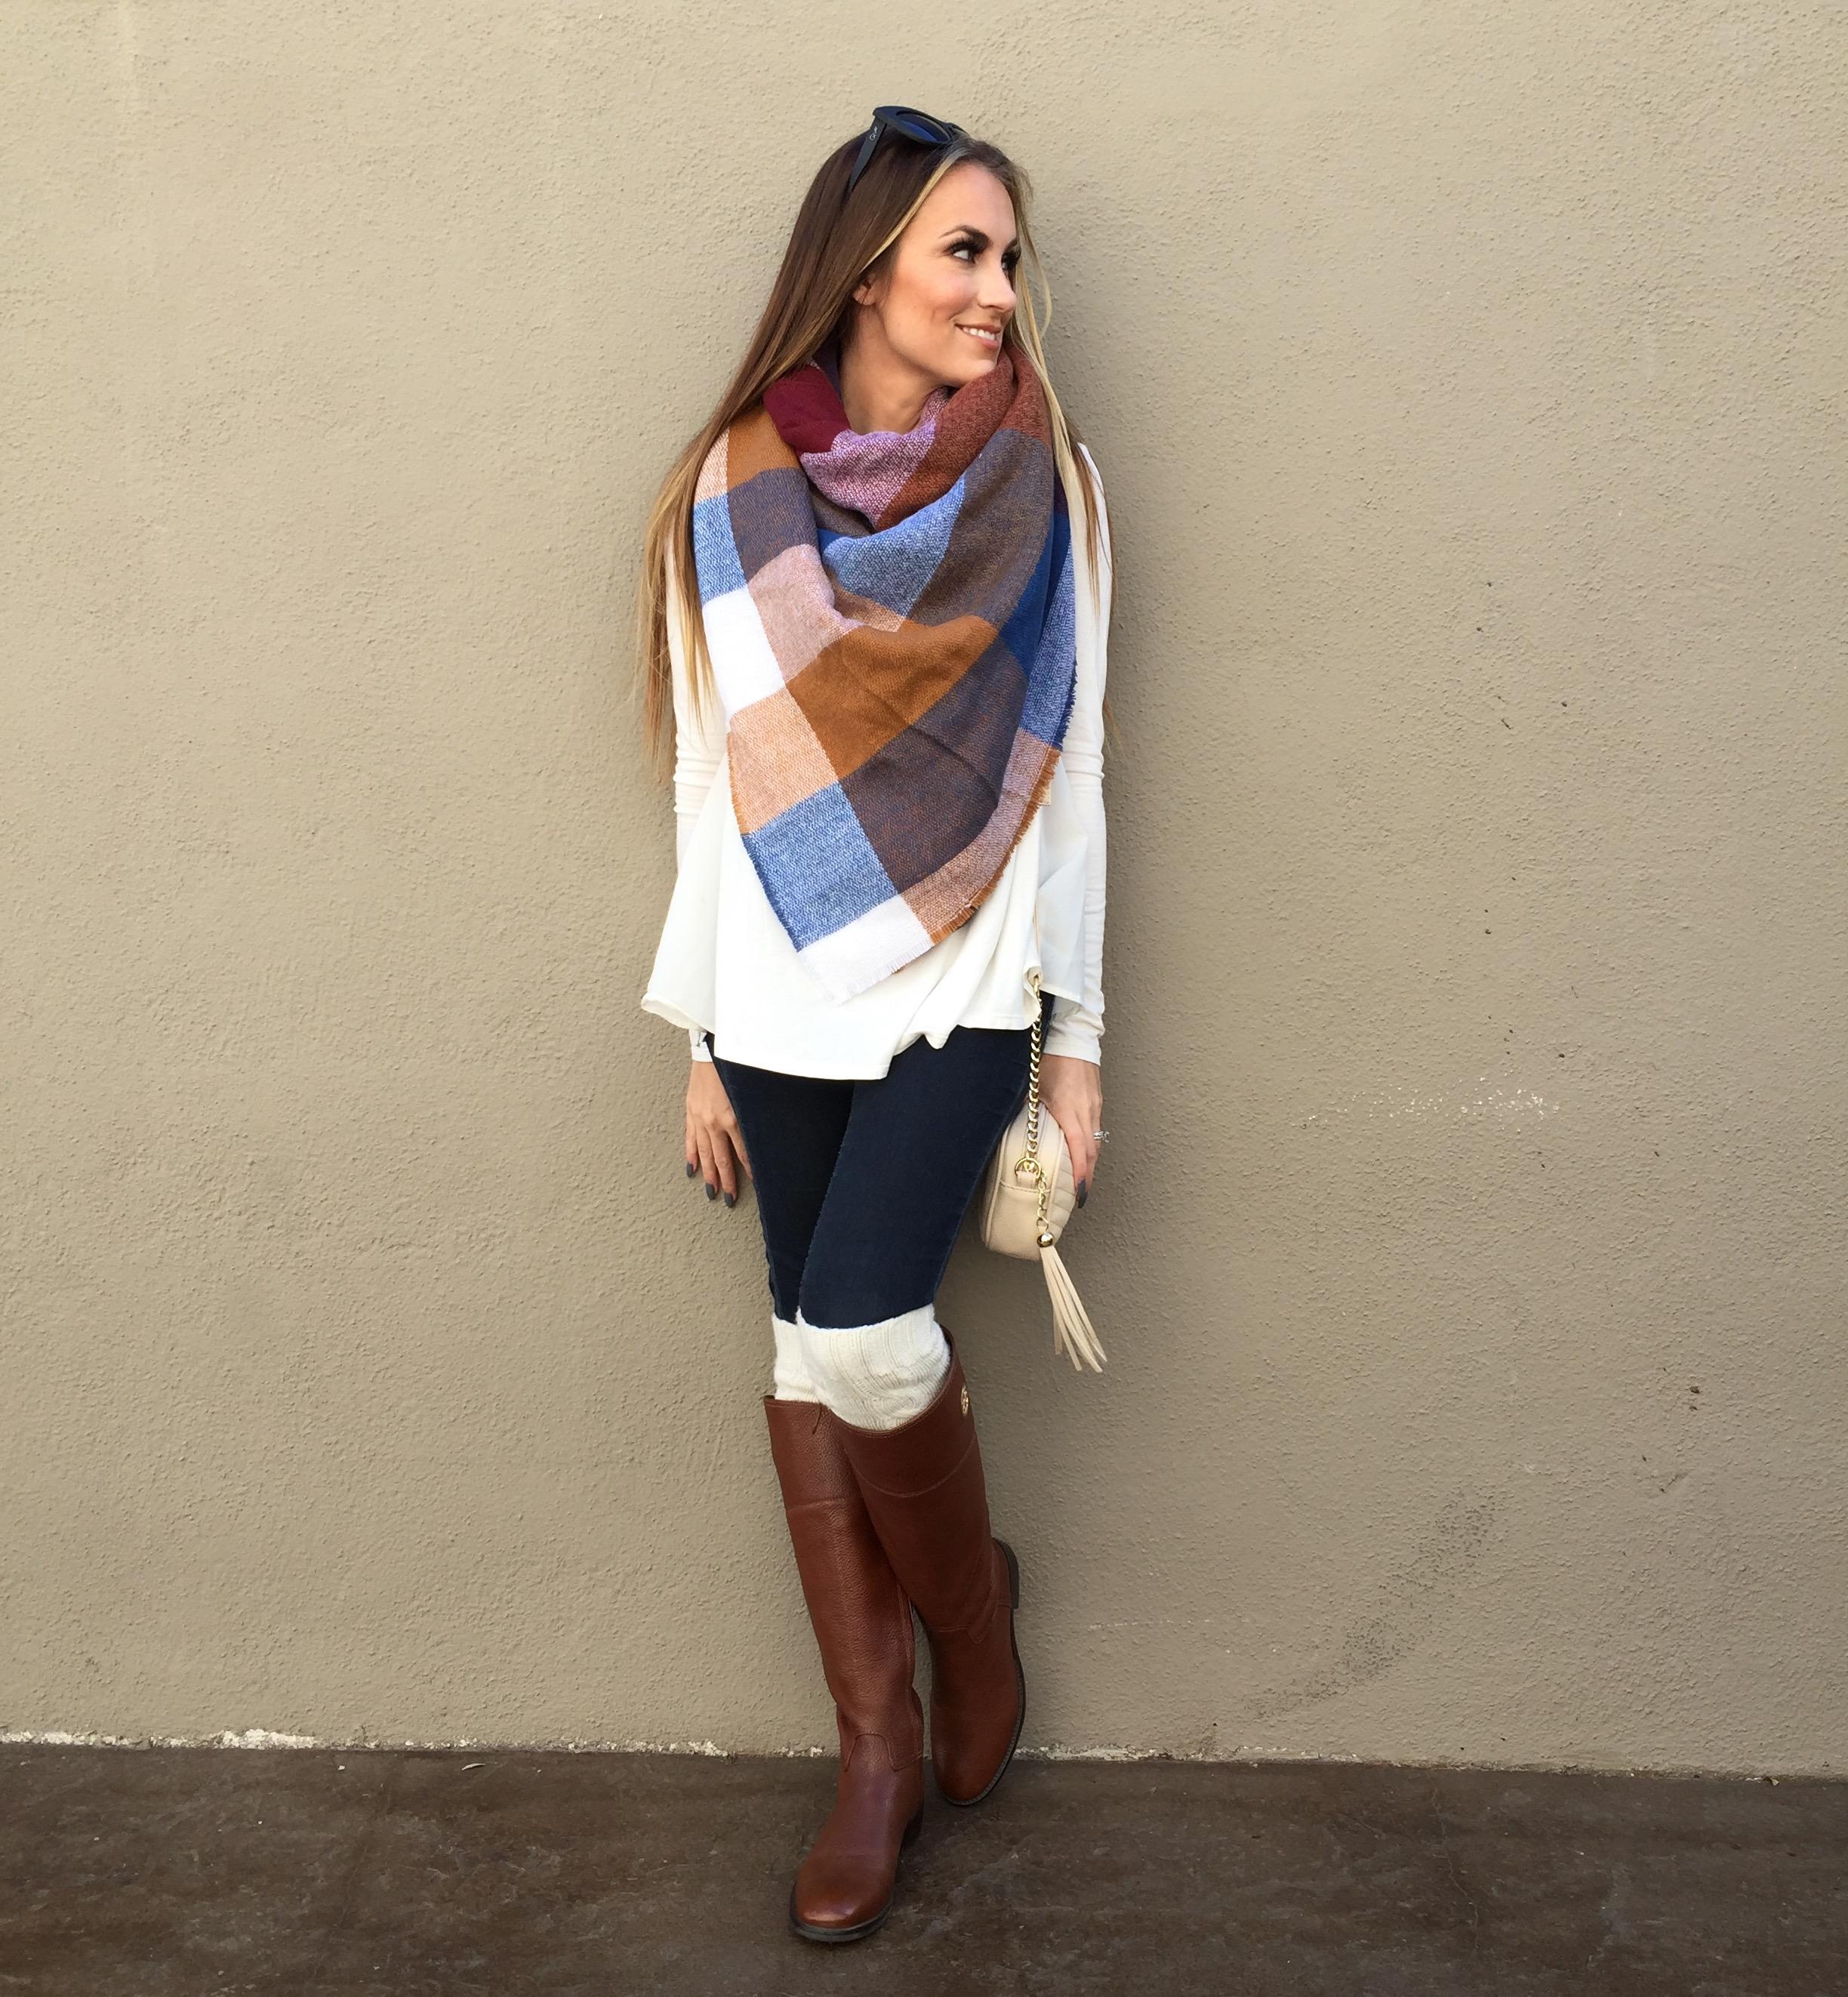 asos blanket scarf fall outfit angela lanter hello gorgeous